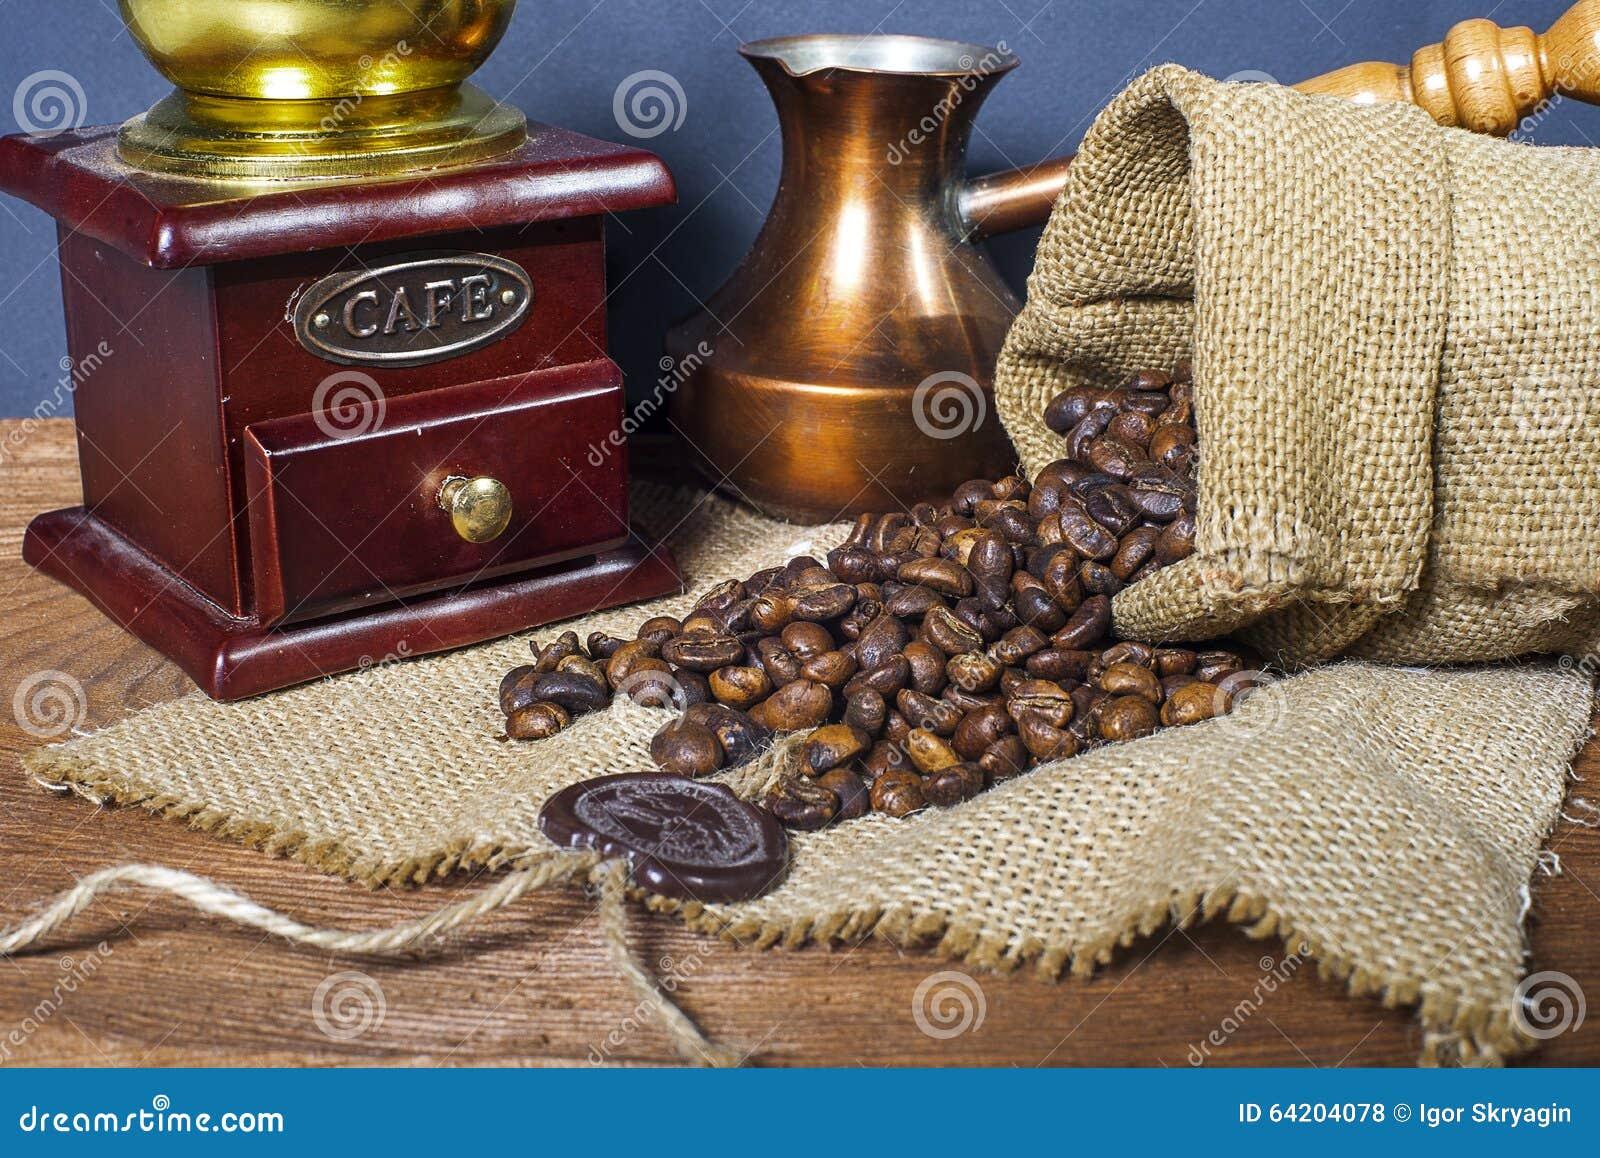 Amoladora, turco y taza de café de café